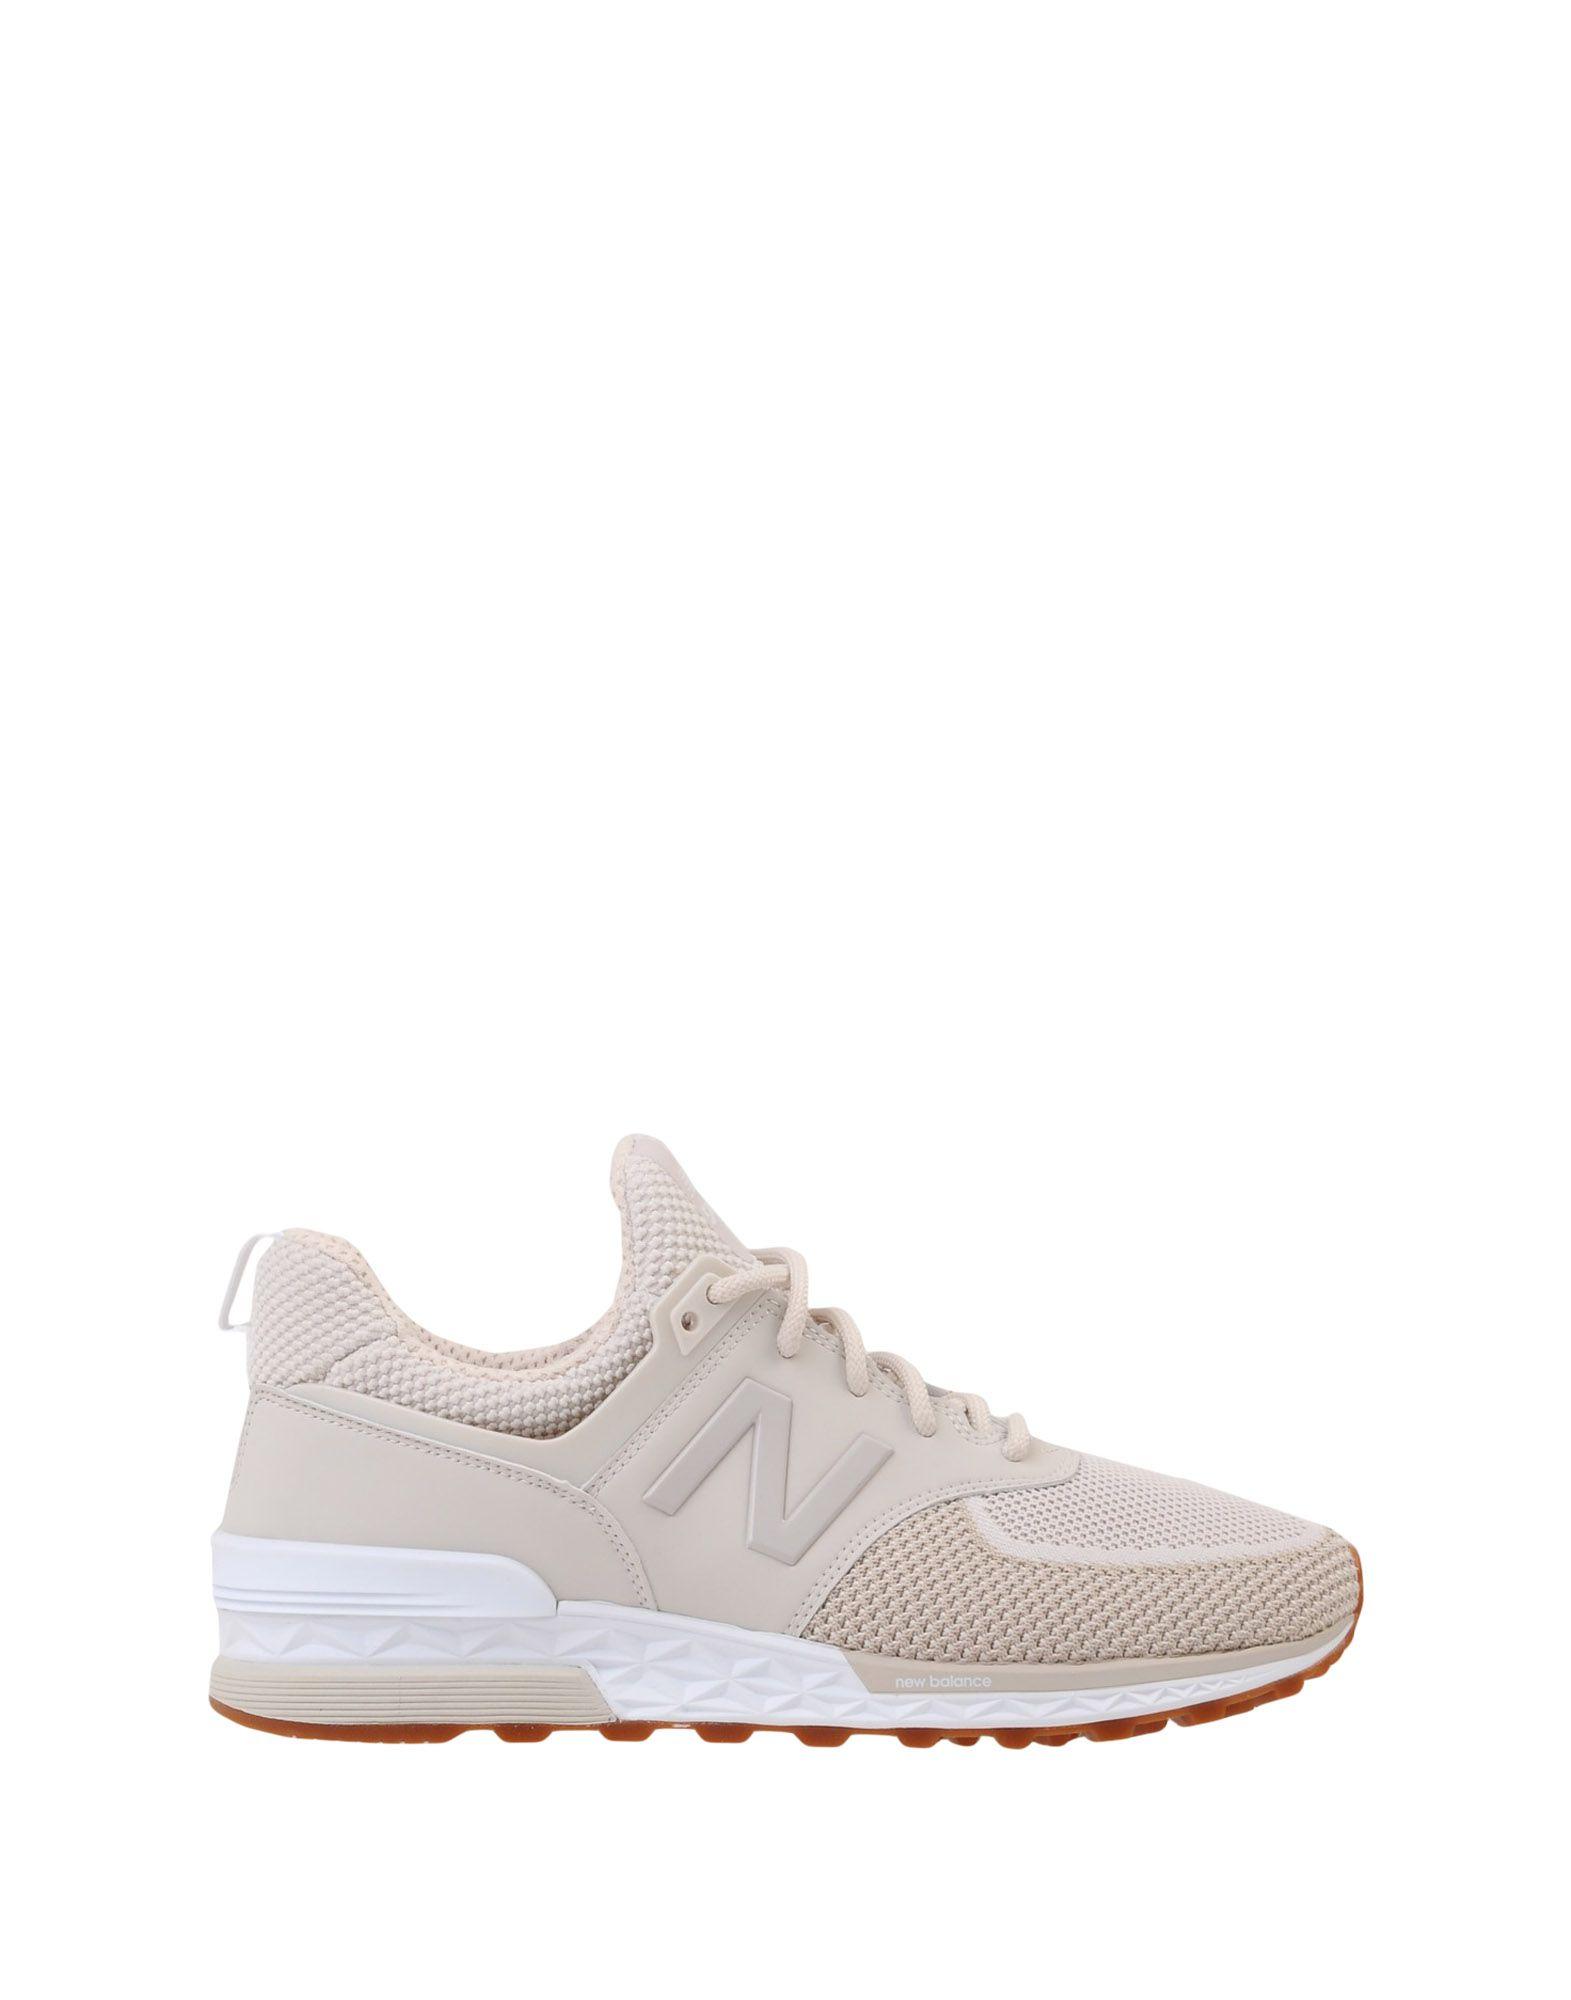 New Balance 574S Techy Mesh beliebte  11467234JD Gute Qualität beliebte Mesh Schuhe 90a9e3